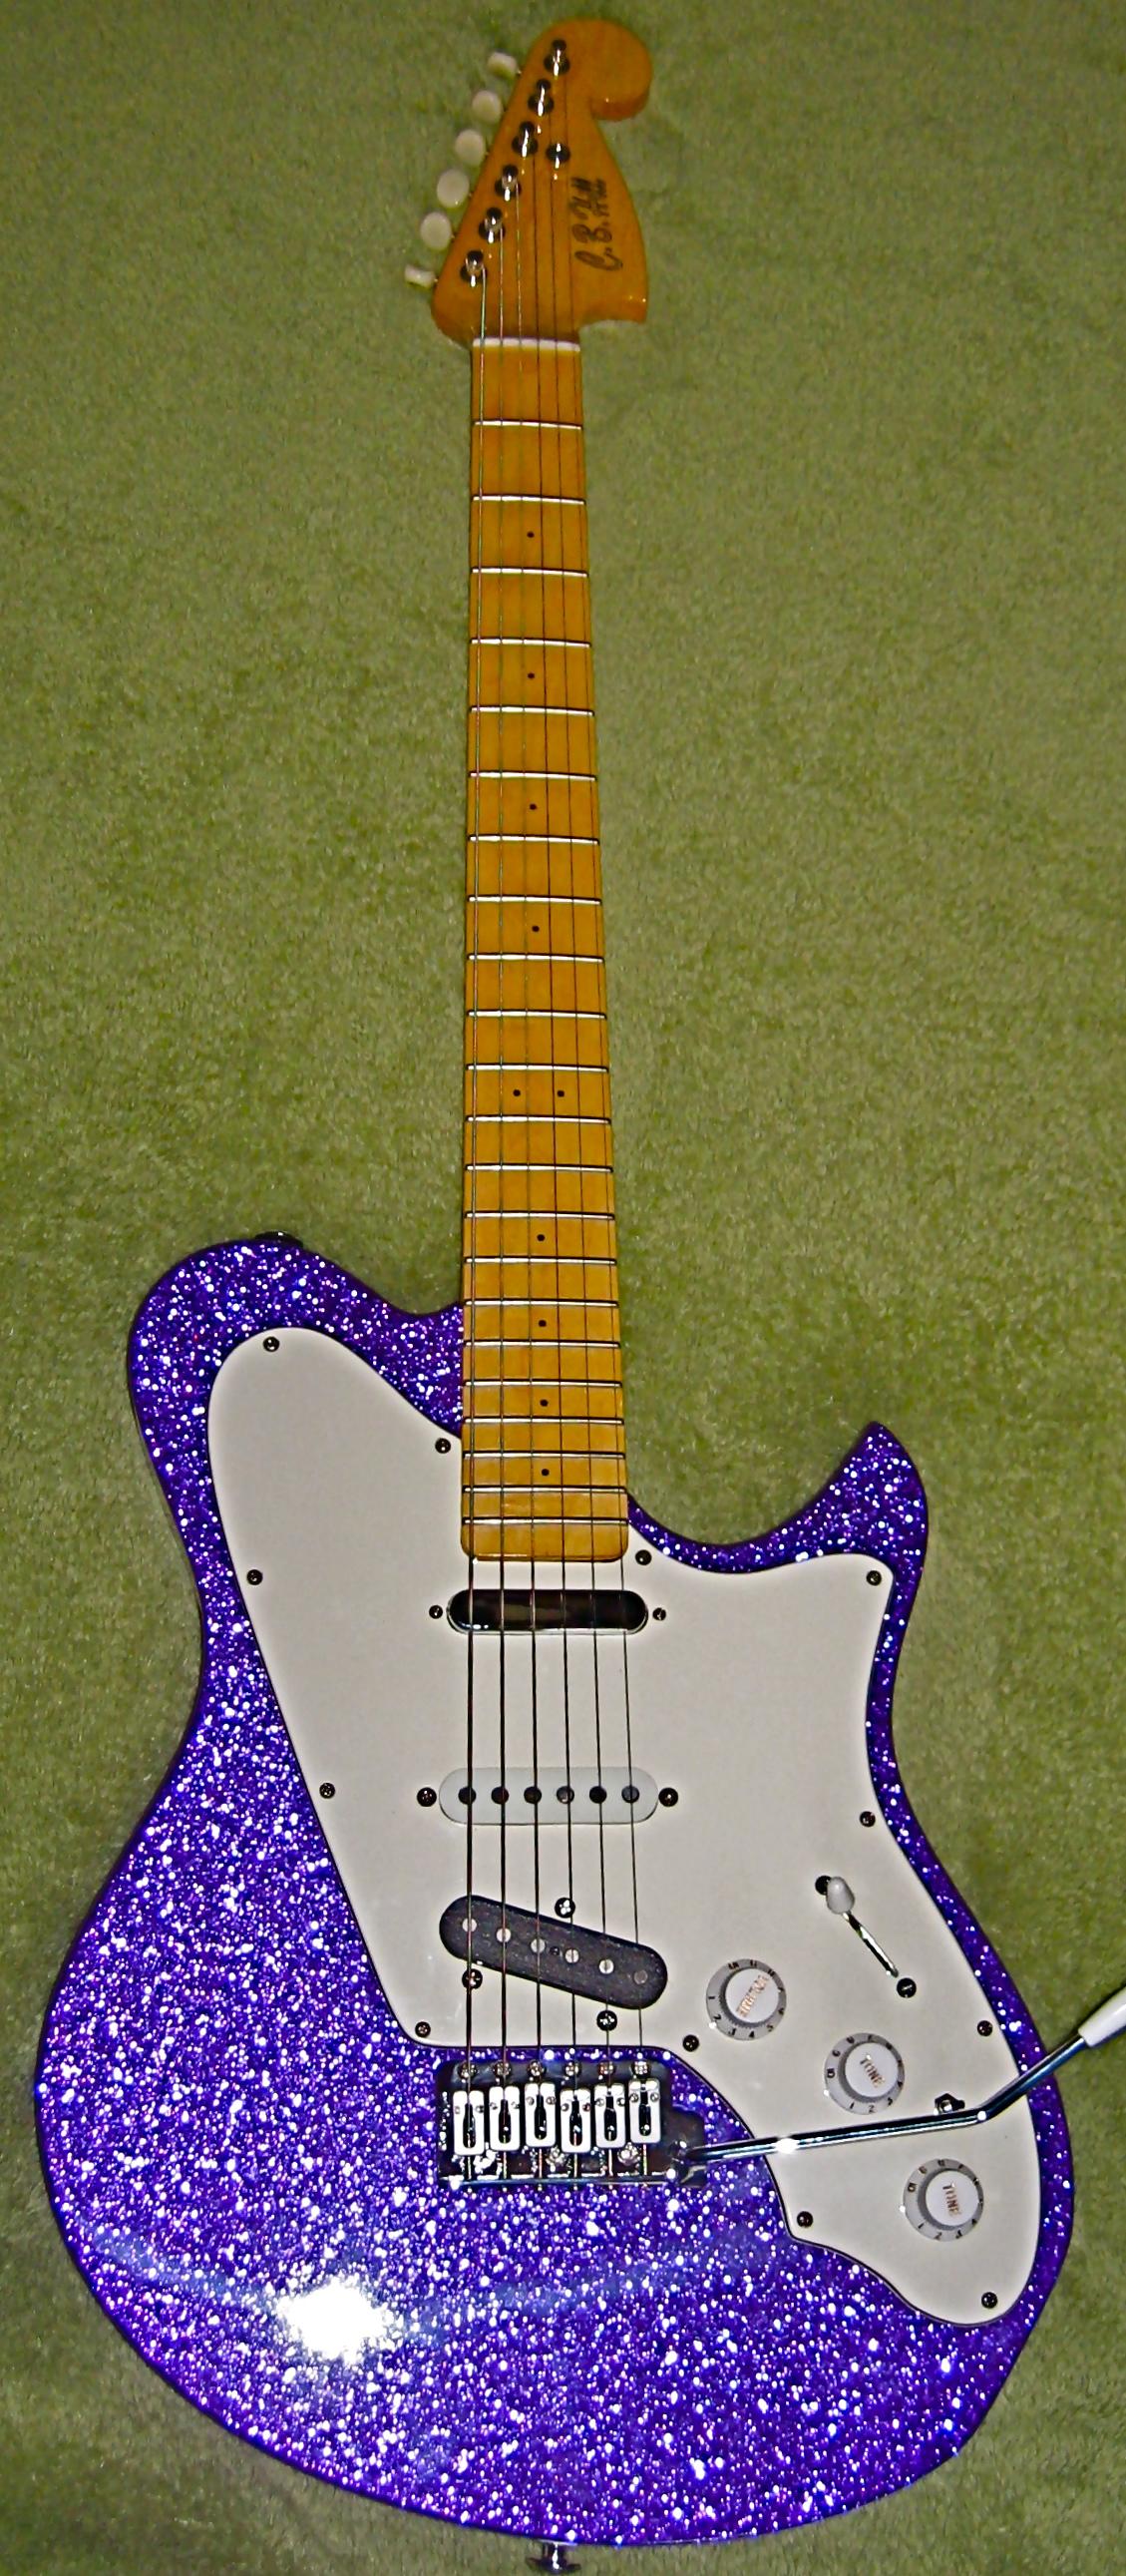 A new custom purple sparkle Surfmaster